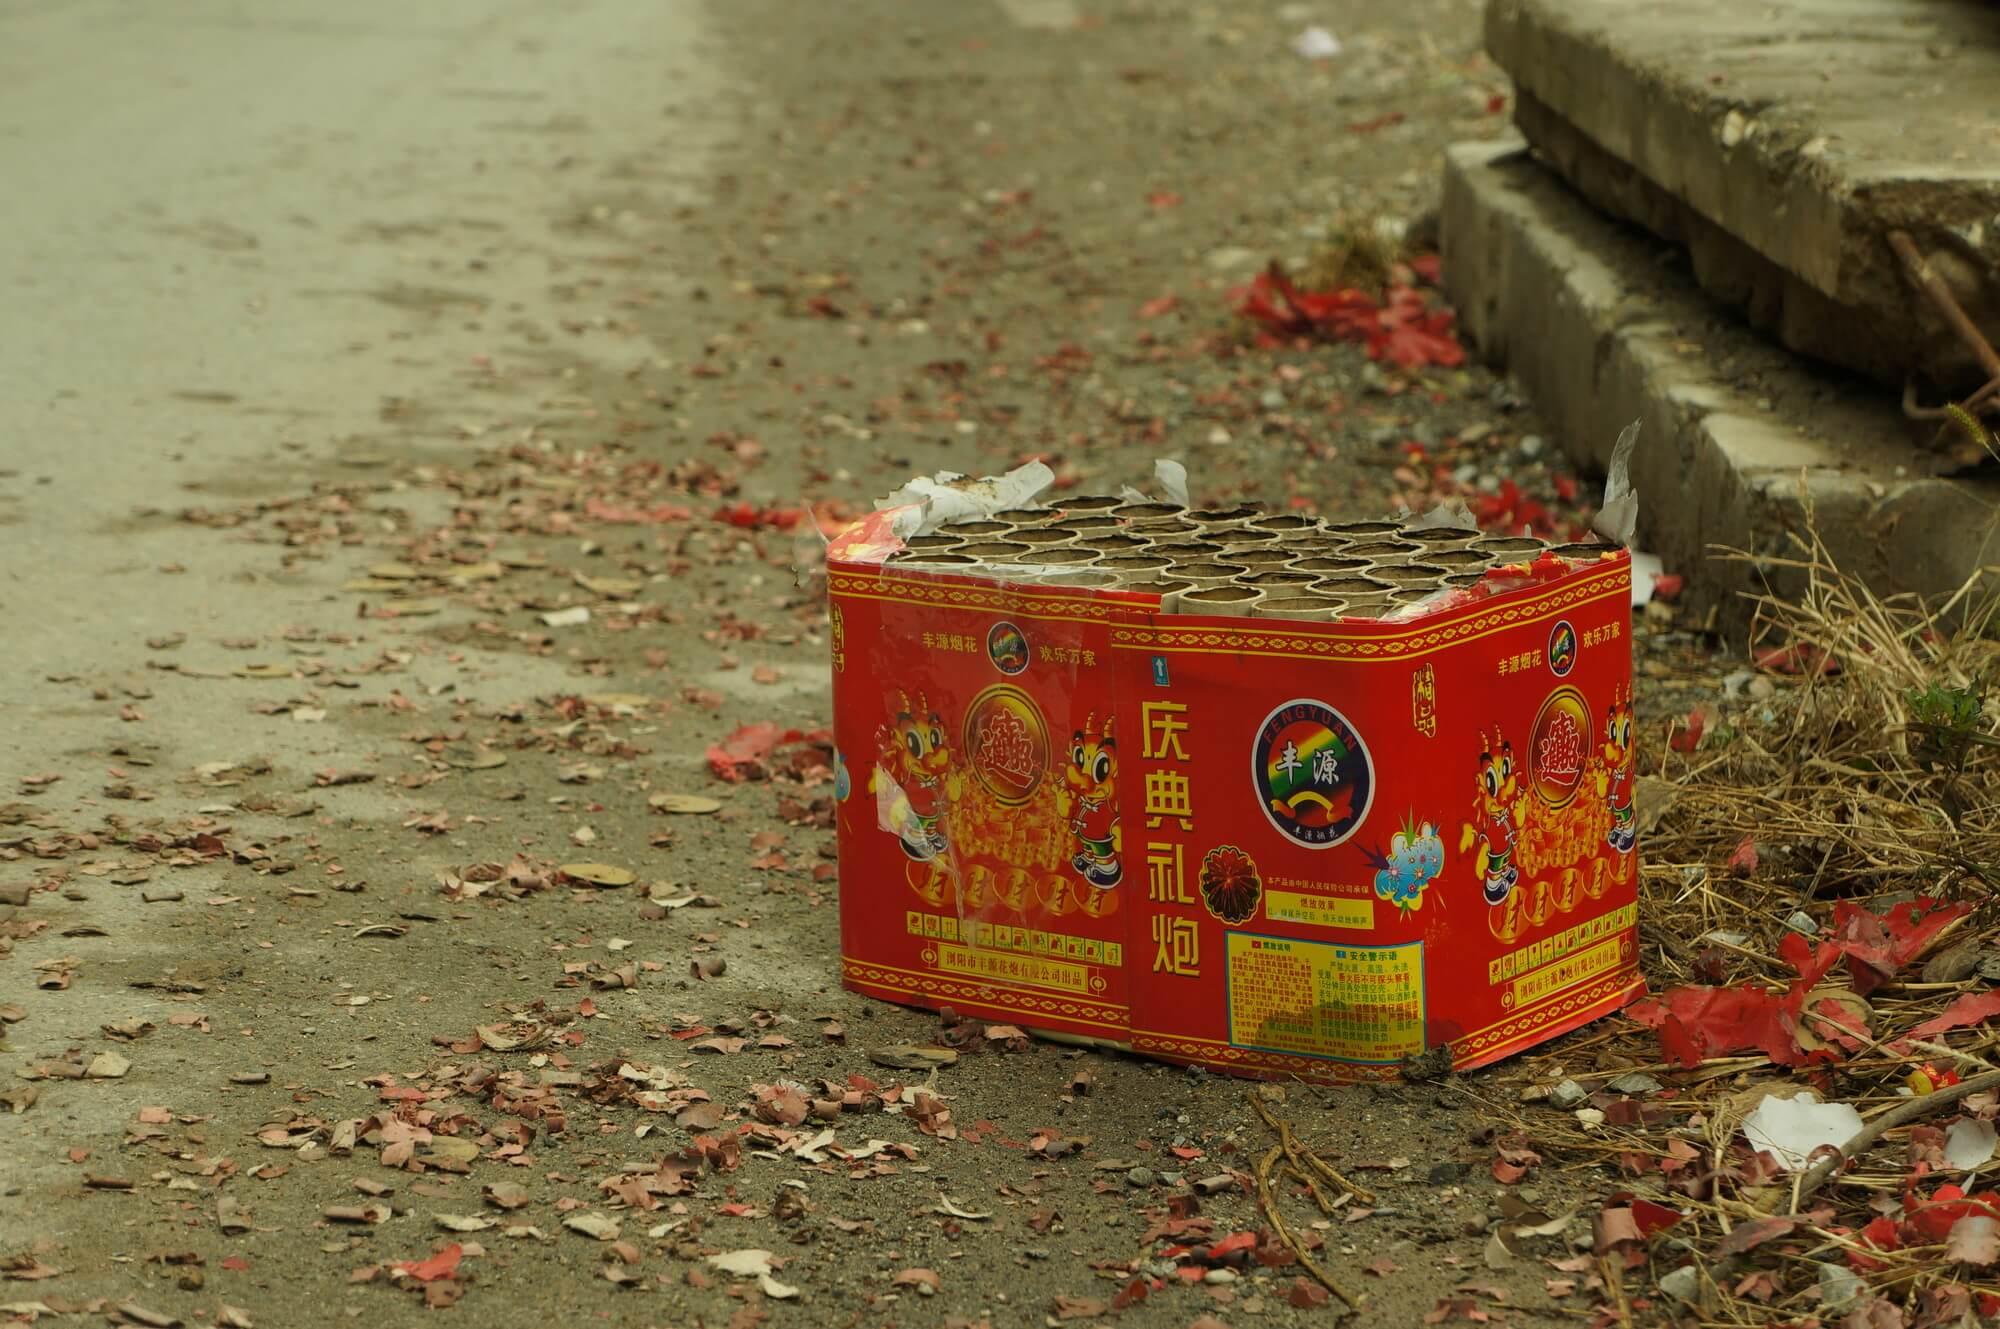 Huk fajerwerków, po którym zostają opuchnięte uszy i śmieci na poboczu